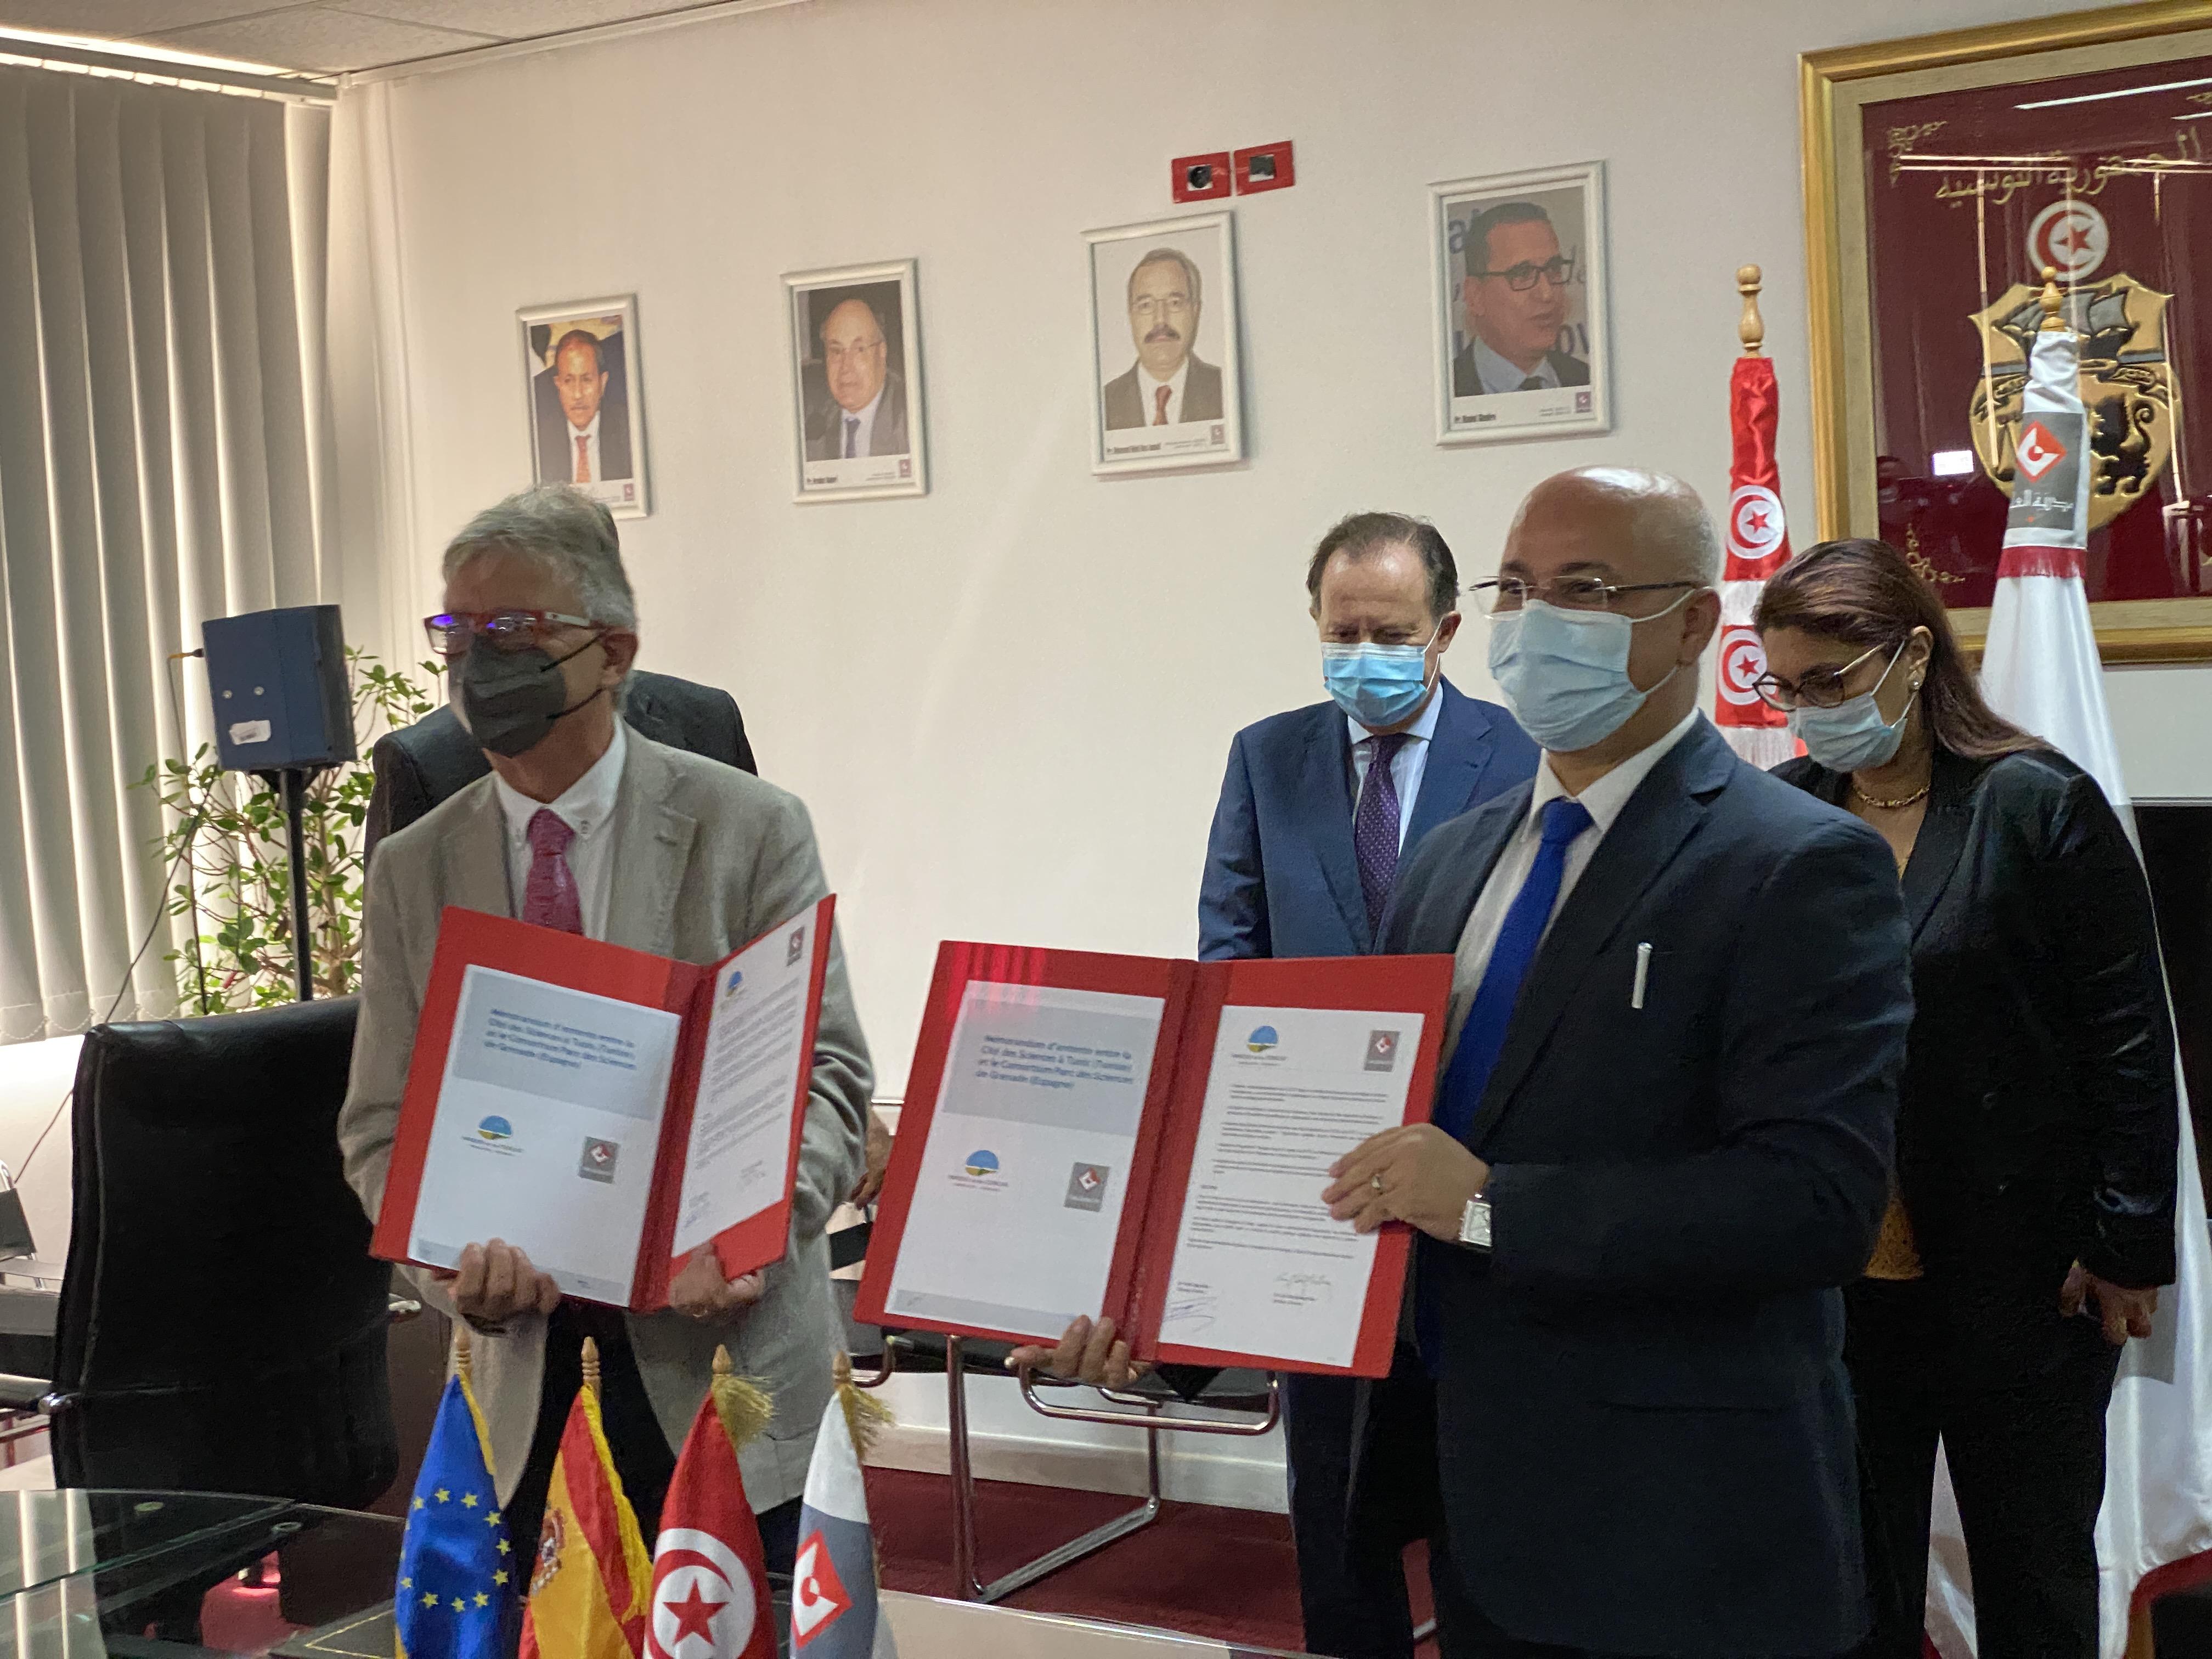 El museo de ciencias de Túnez y el Parque de las Ciencias de Granada se «hermanan»